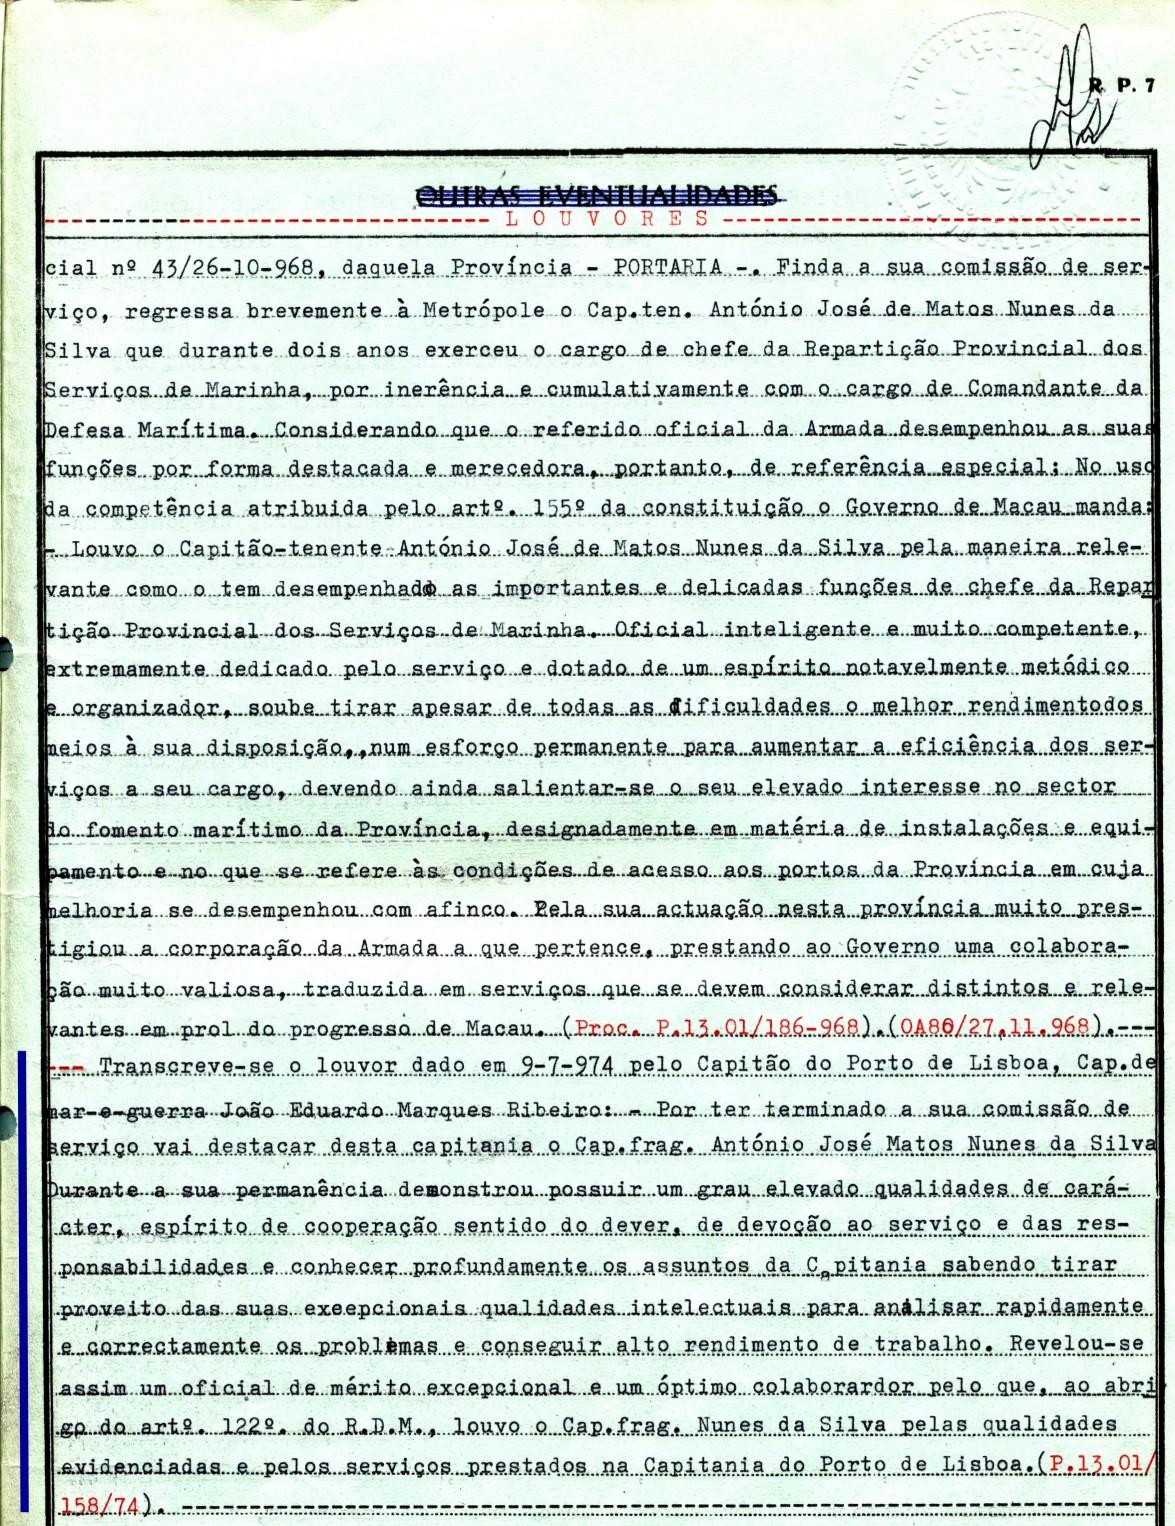 00646 974-07-09 Louvor que me foi concedido pelo Capitão do Porto de Lisboa -Nota de Assentamentos